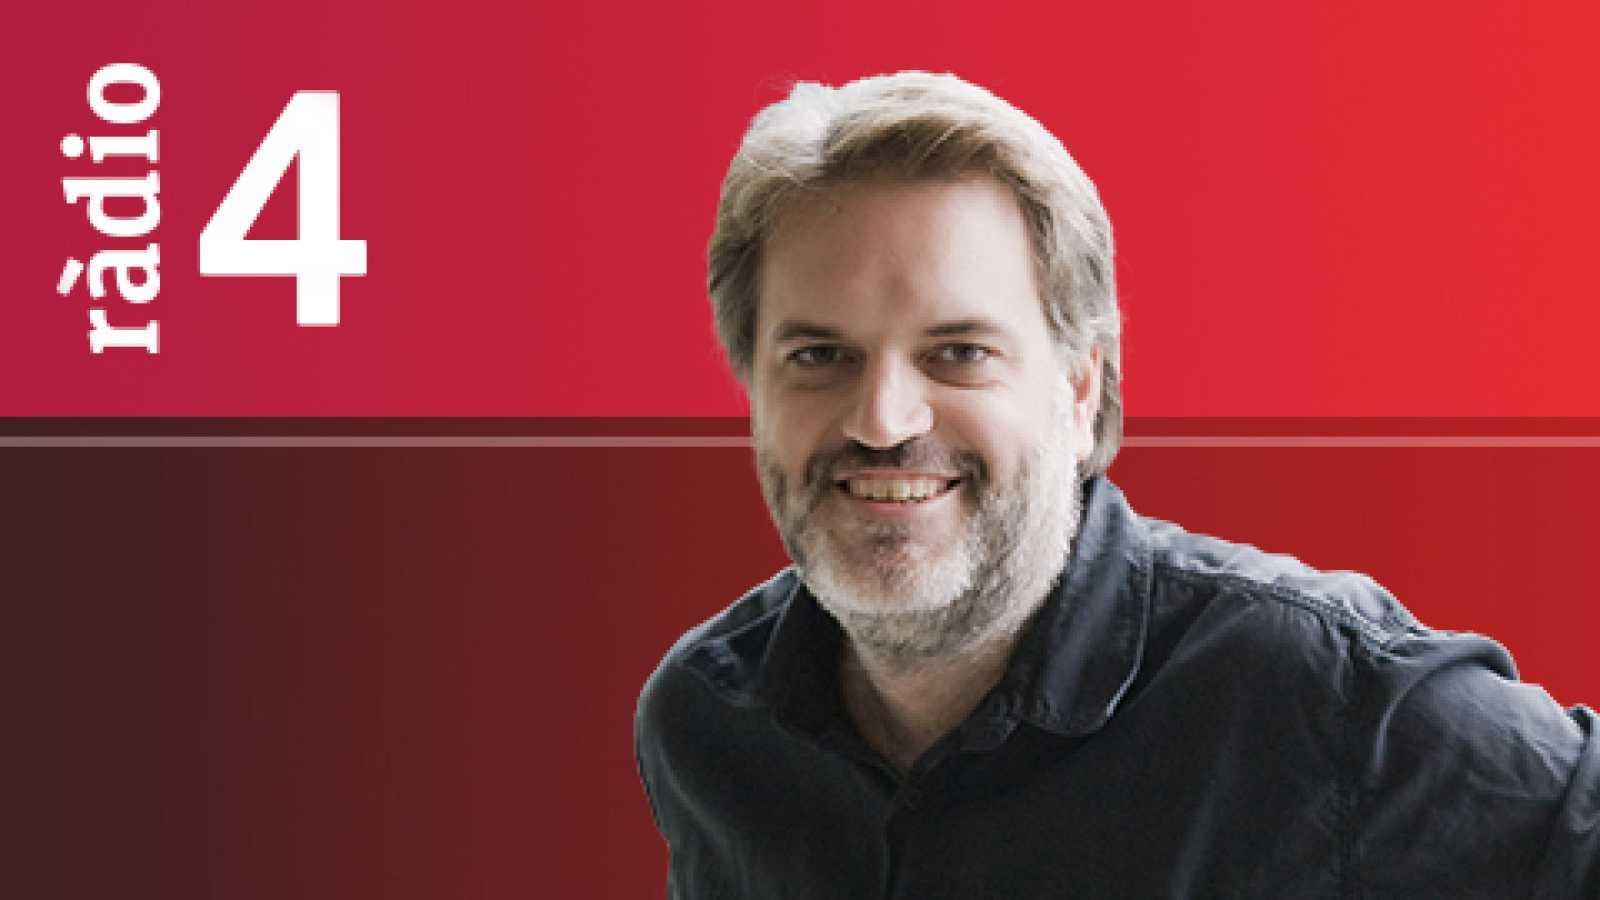 El Matí a Ràdio 4 - 15 de juliol de 2019 3a hora Edició Estiu